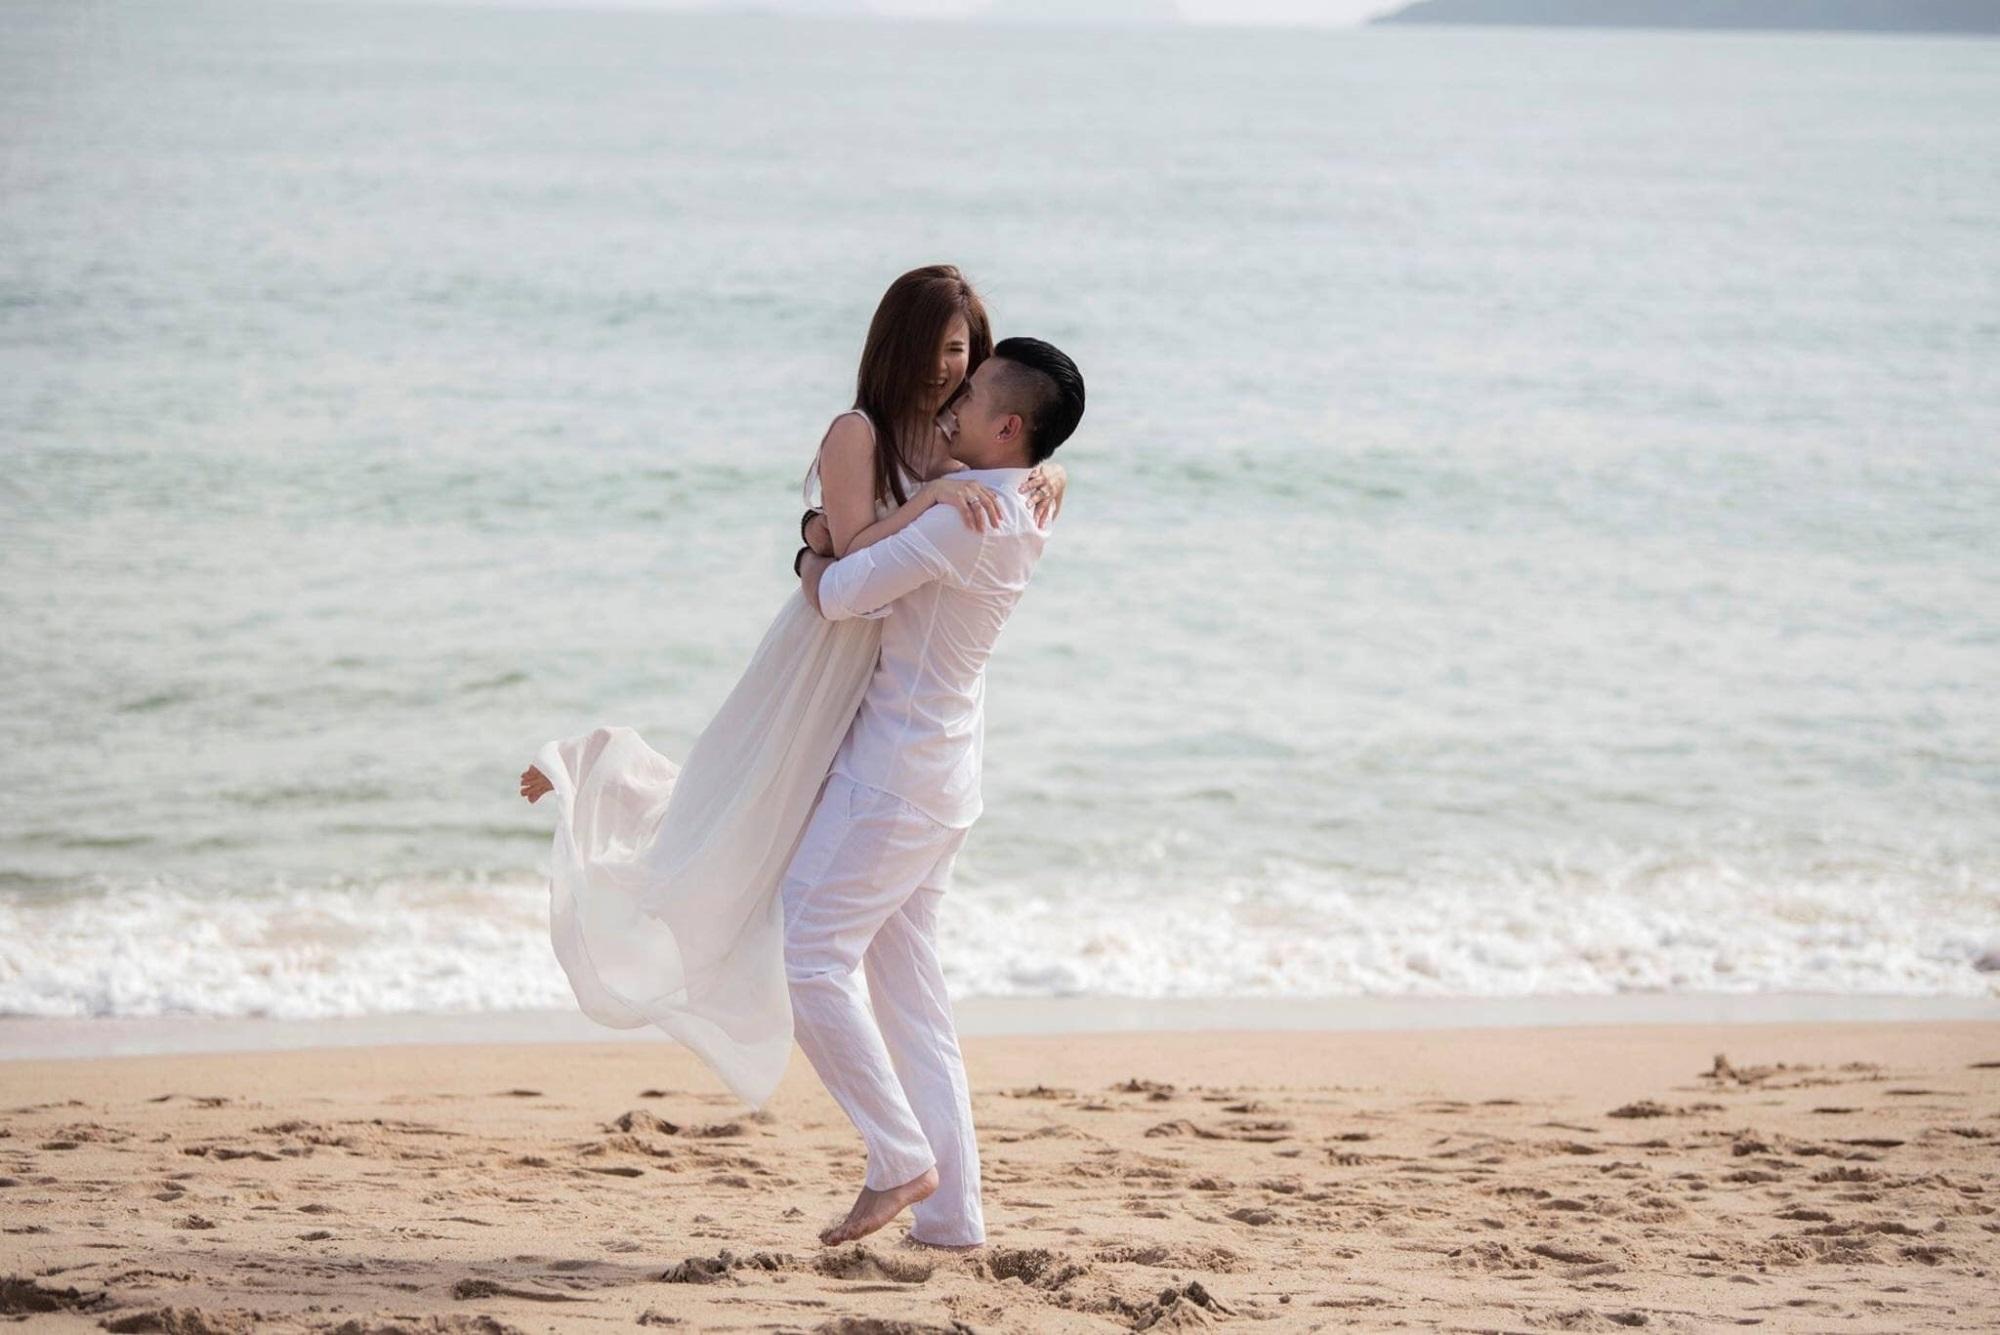 Chị gái Ngọc Trinh cưới hot boy Vbiz: Nhẫn cưới bạc tỷ và chuyện tình gây choáng - Ảnh 6